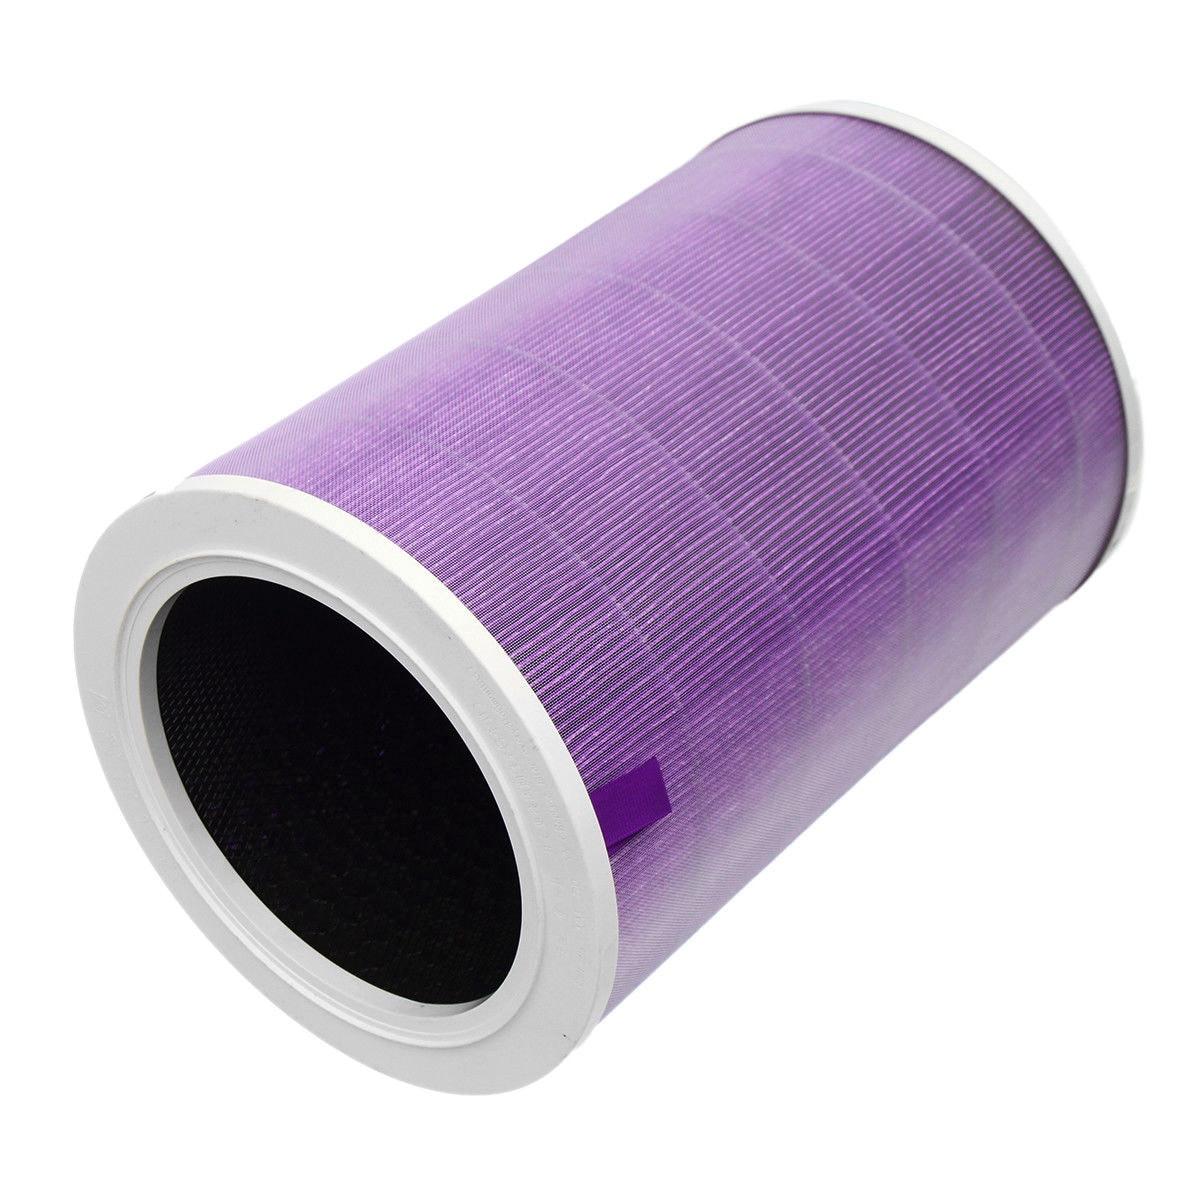 Cartucho de filtro de aire de filtro para Xiao mi purificador de aire 1/2/Pro/2 s 1 unid